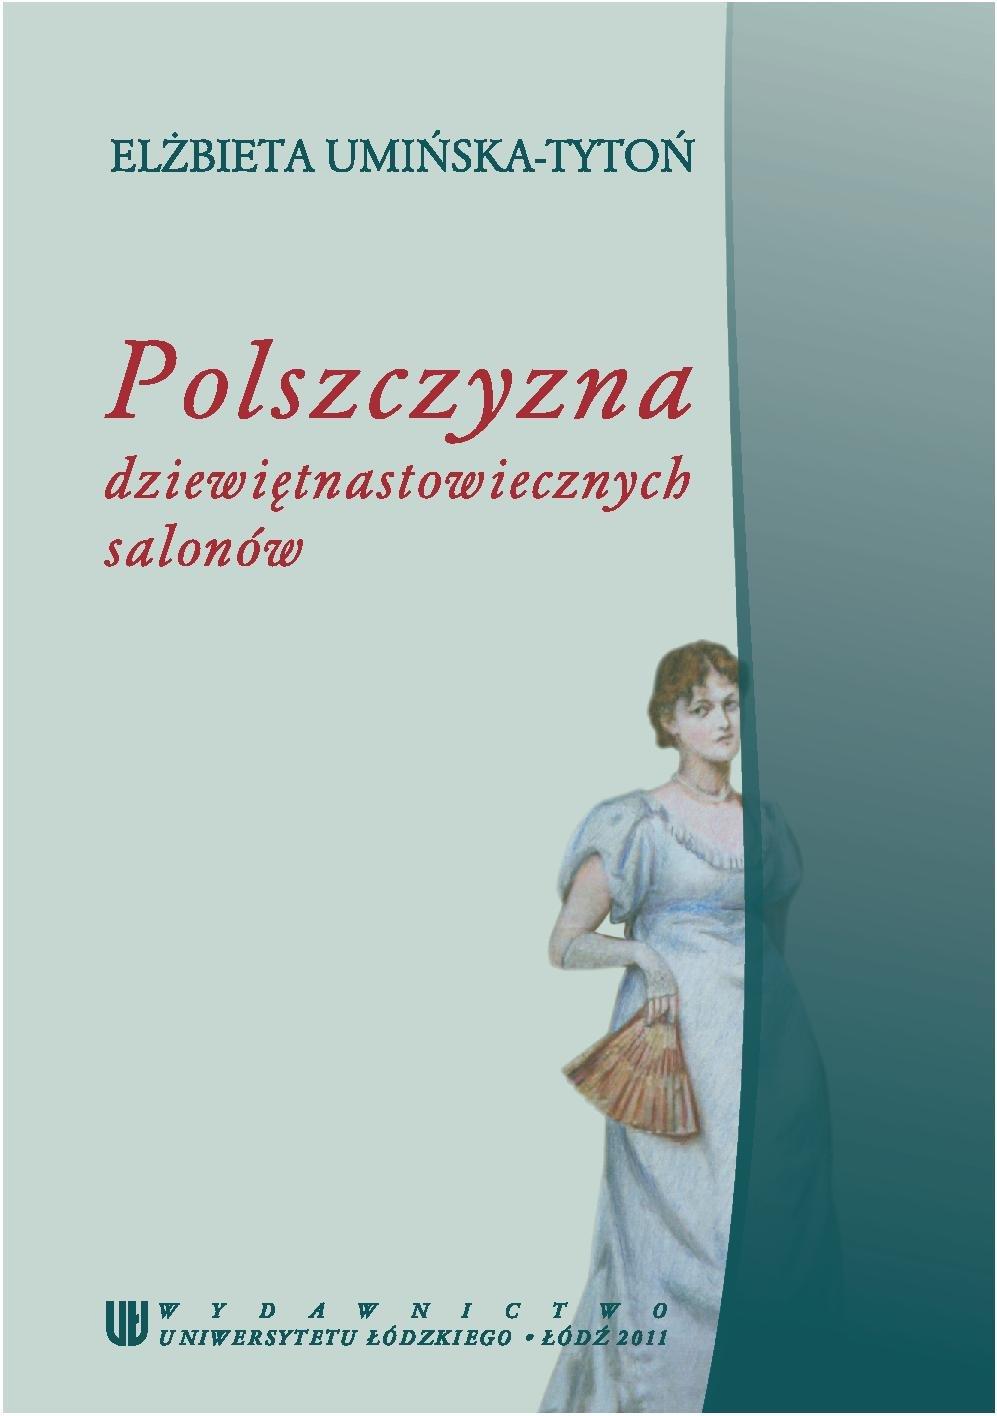 Polszczyzna dziewiętnastowiecznych salonów - Ebook (Książka PDF) do pobrania w formacie PDF